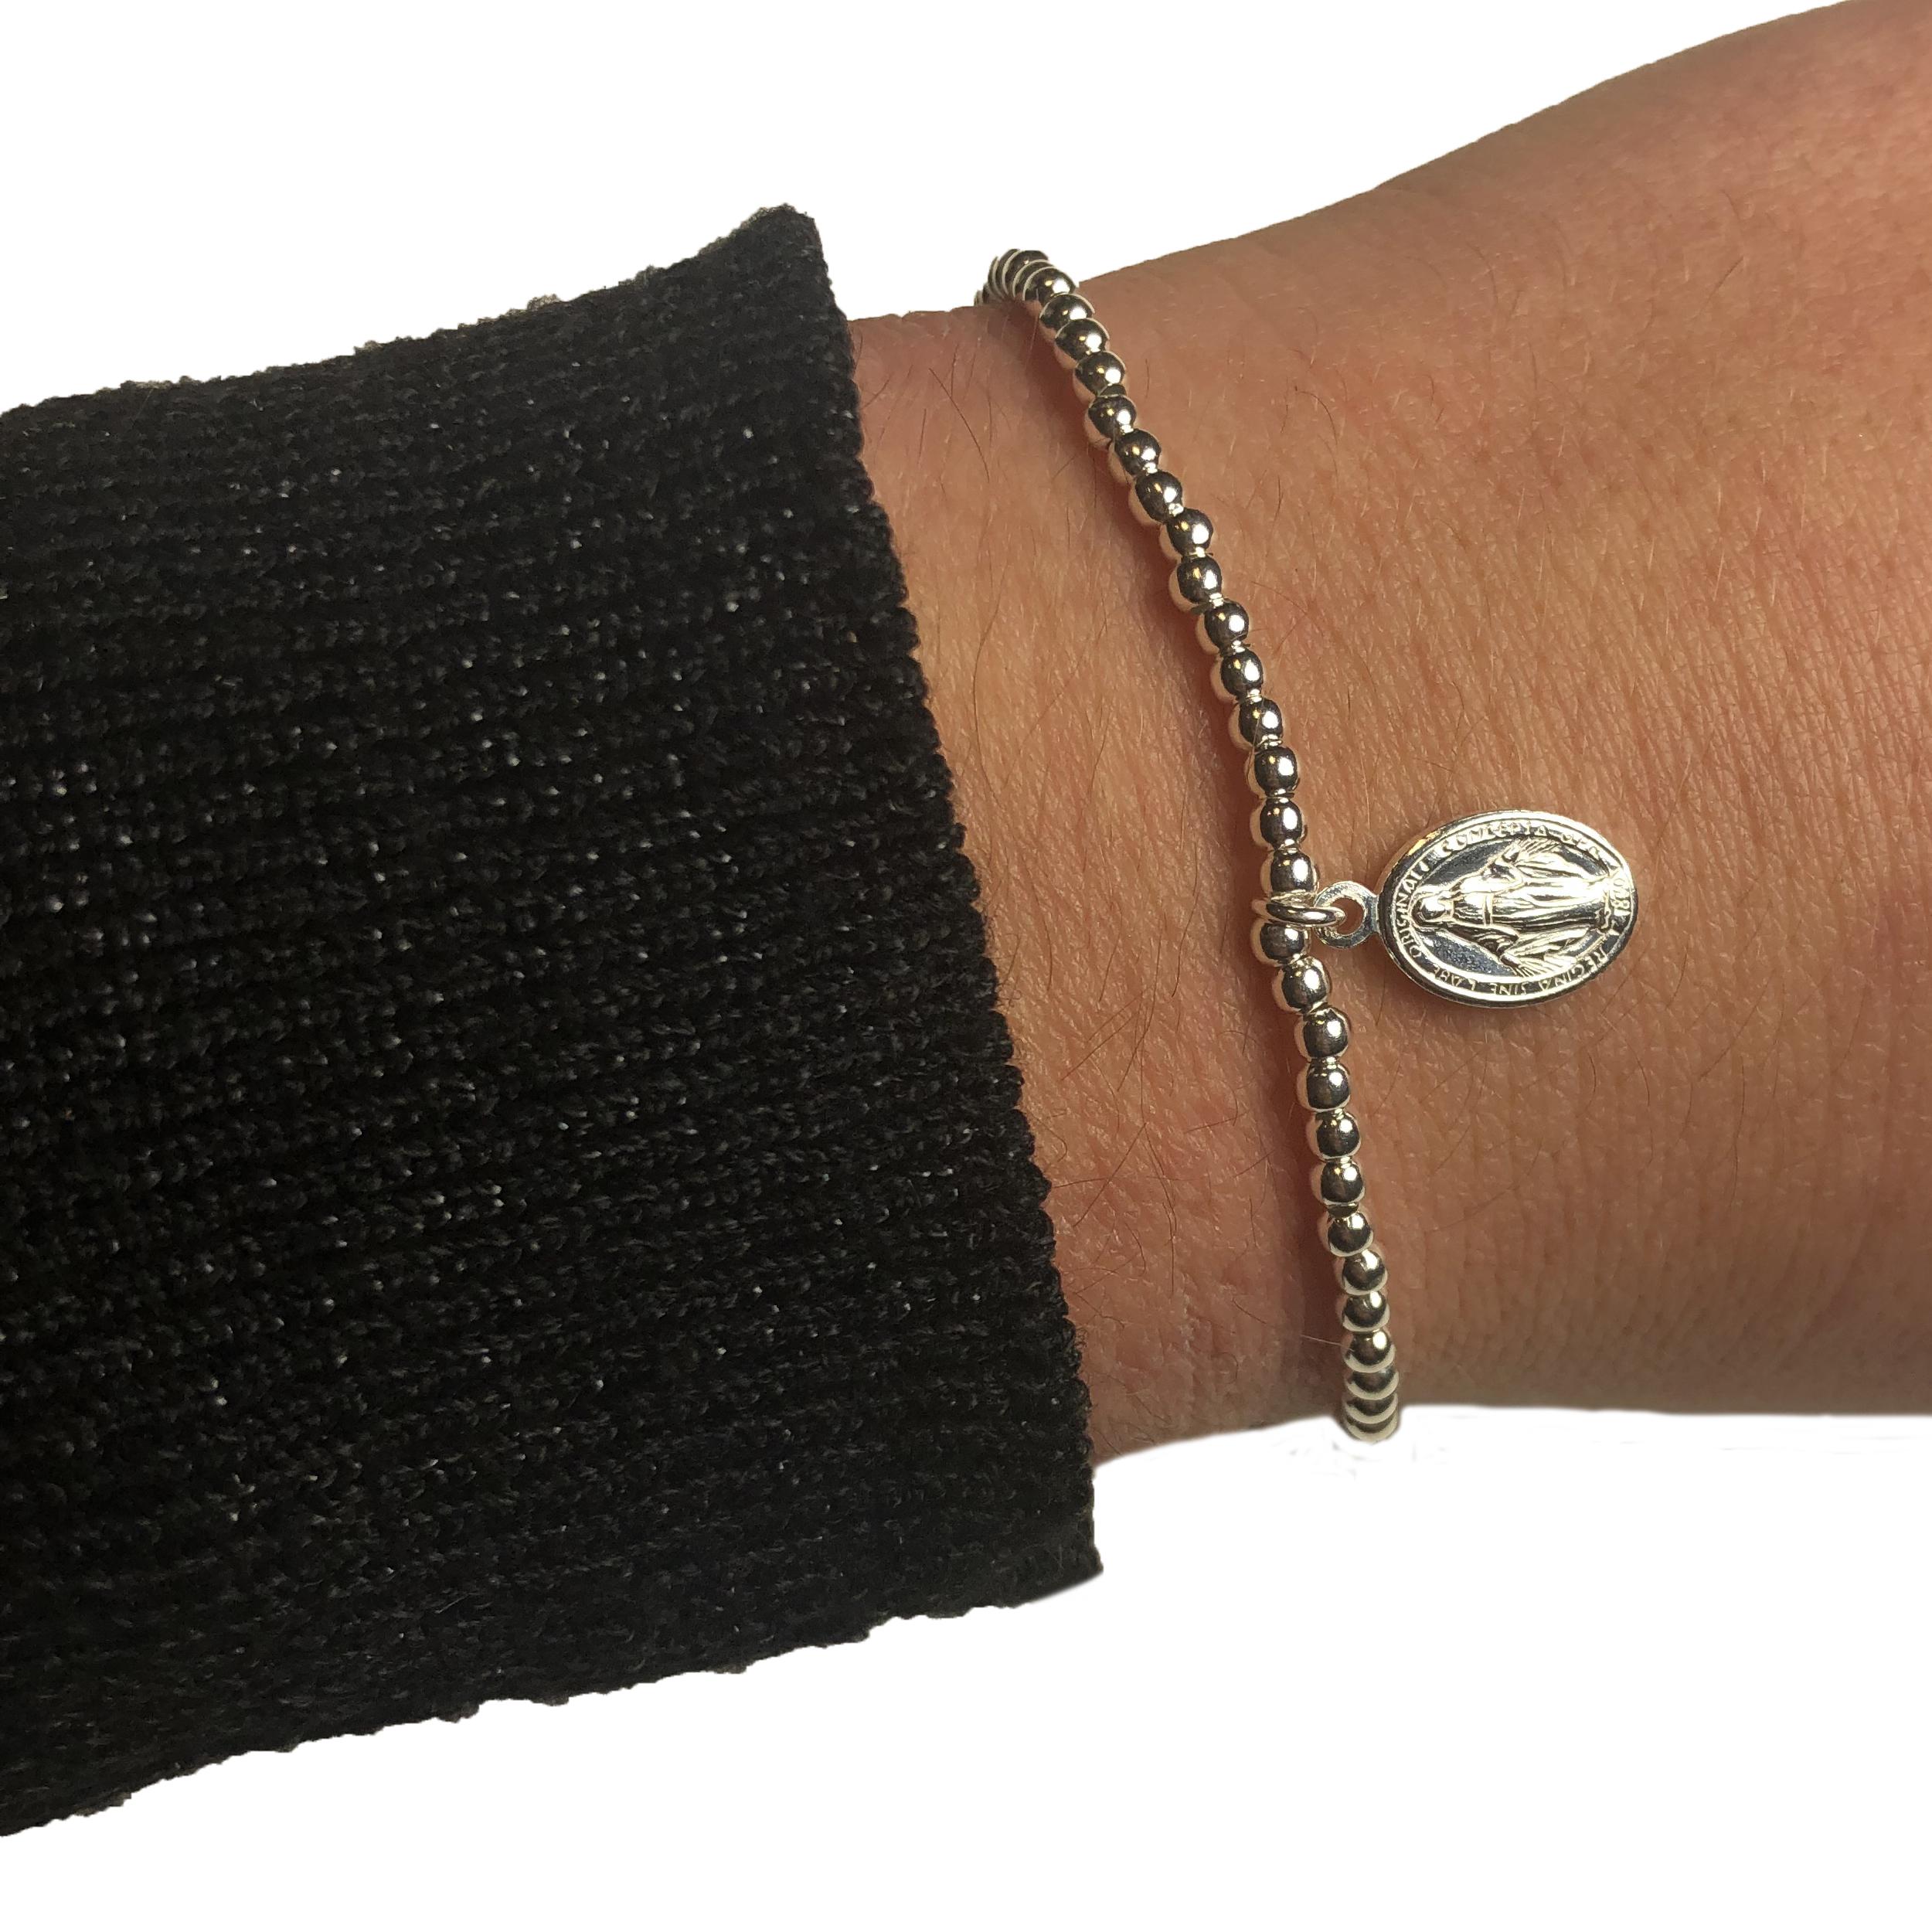 en soldes db523 8dad1 Bracelet ZAG Boule Madone Argent